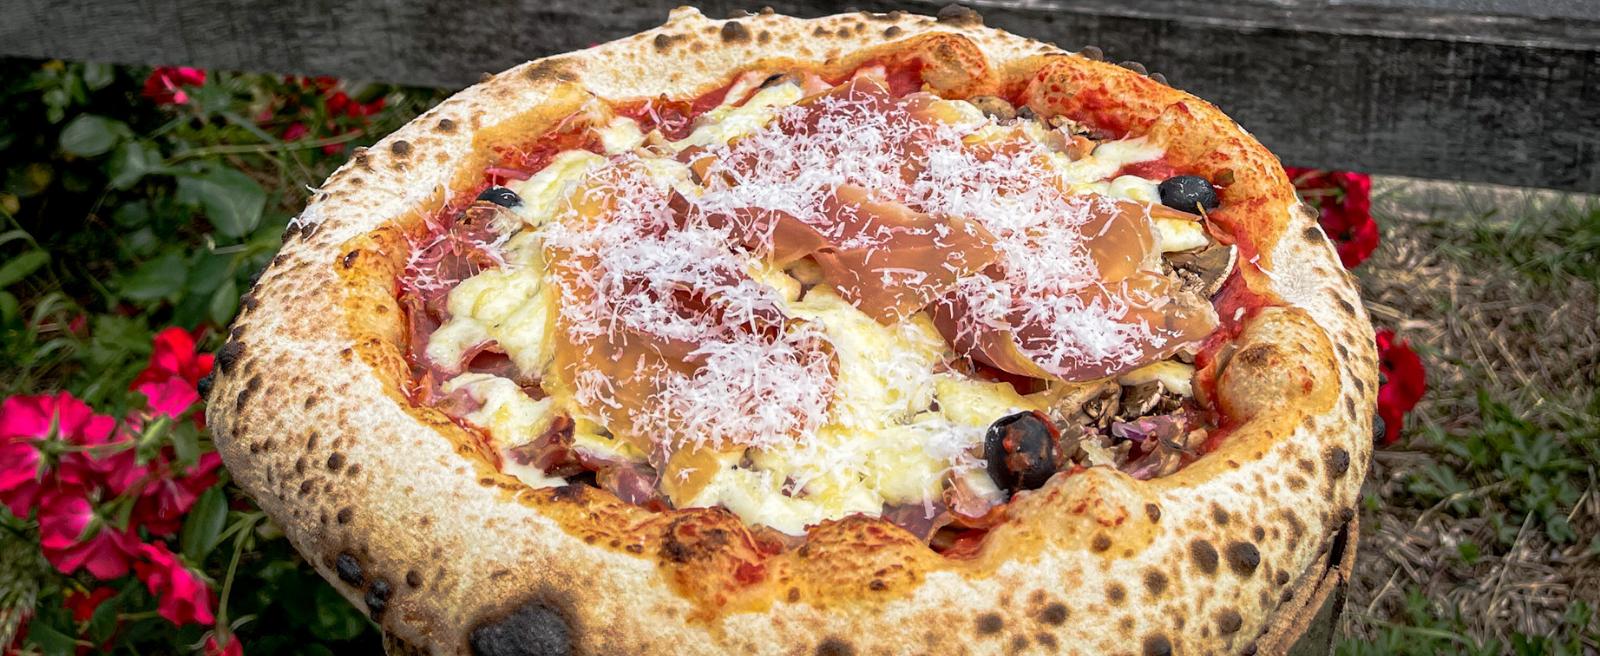 Dégustez cette pizza savoureuse